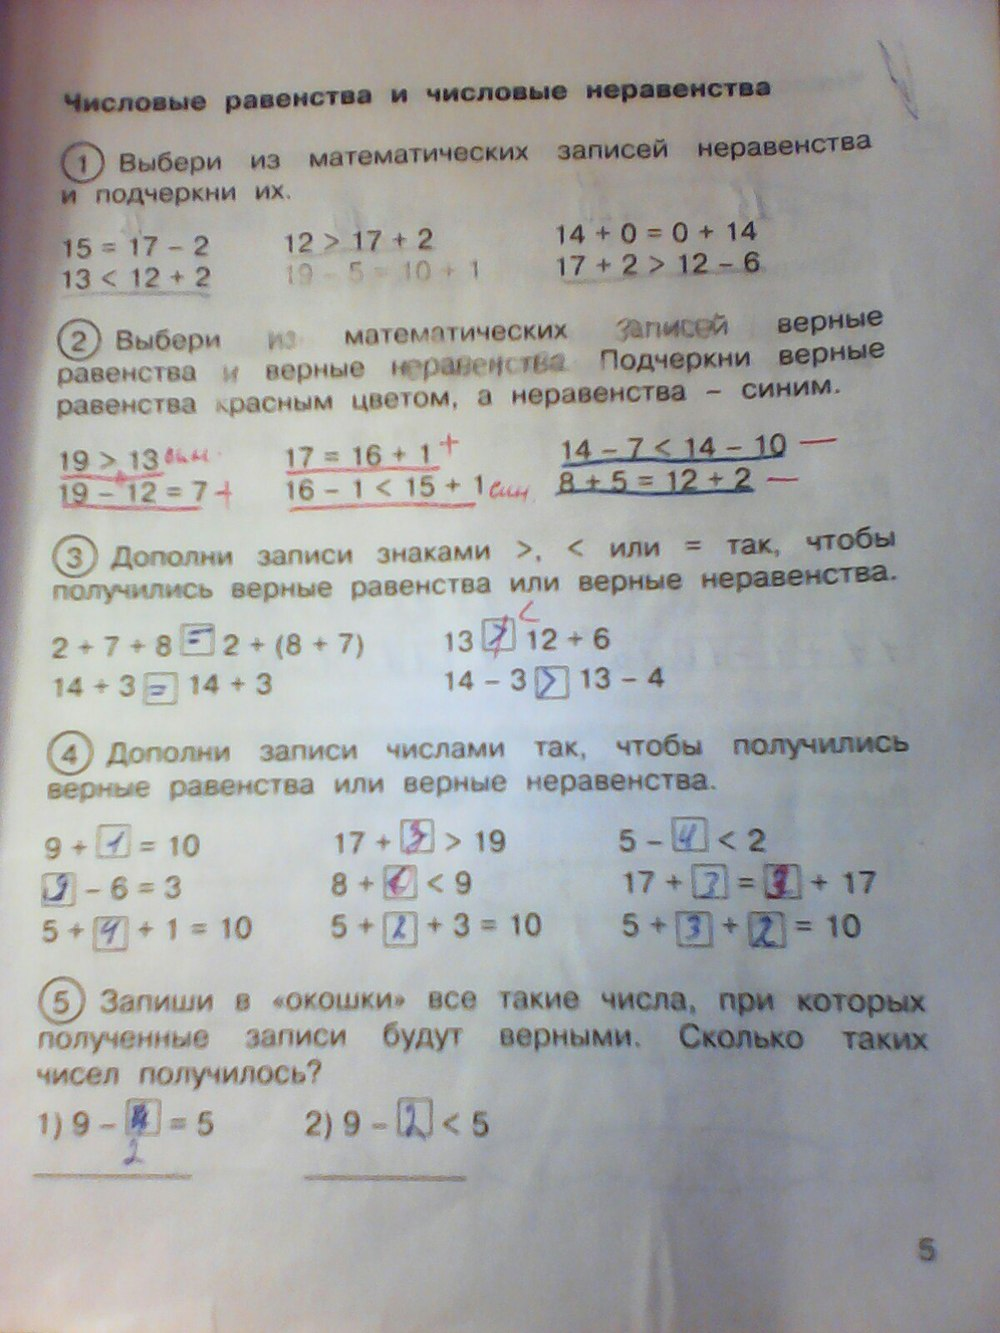 Гдз математика за 2 класс чекин а. Л онлайн решение от путина.